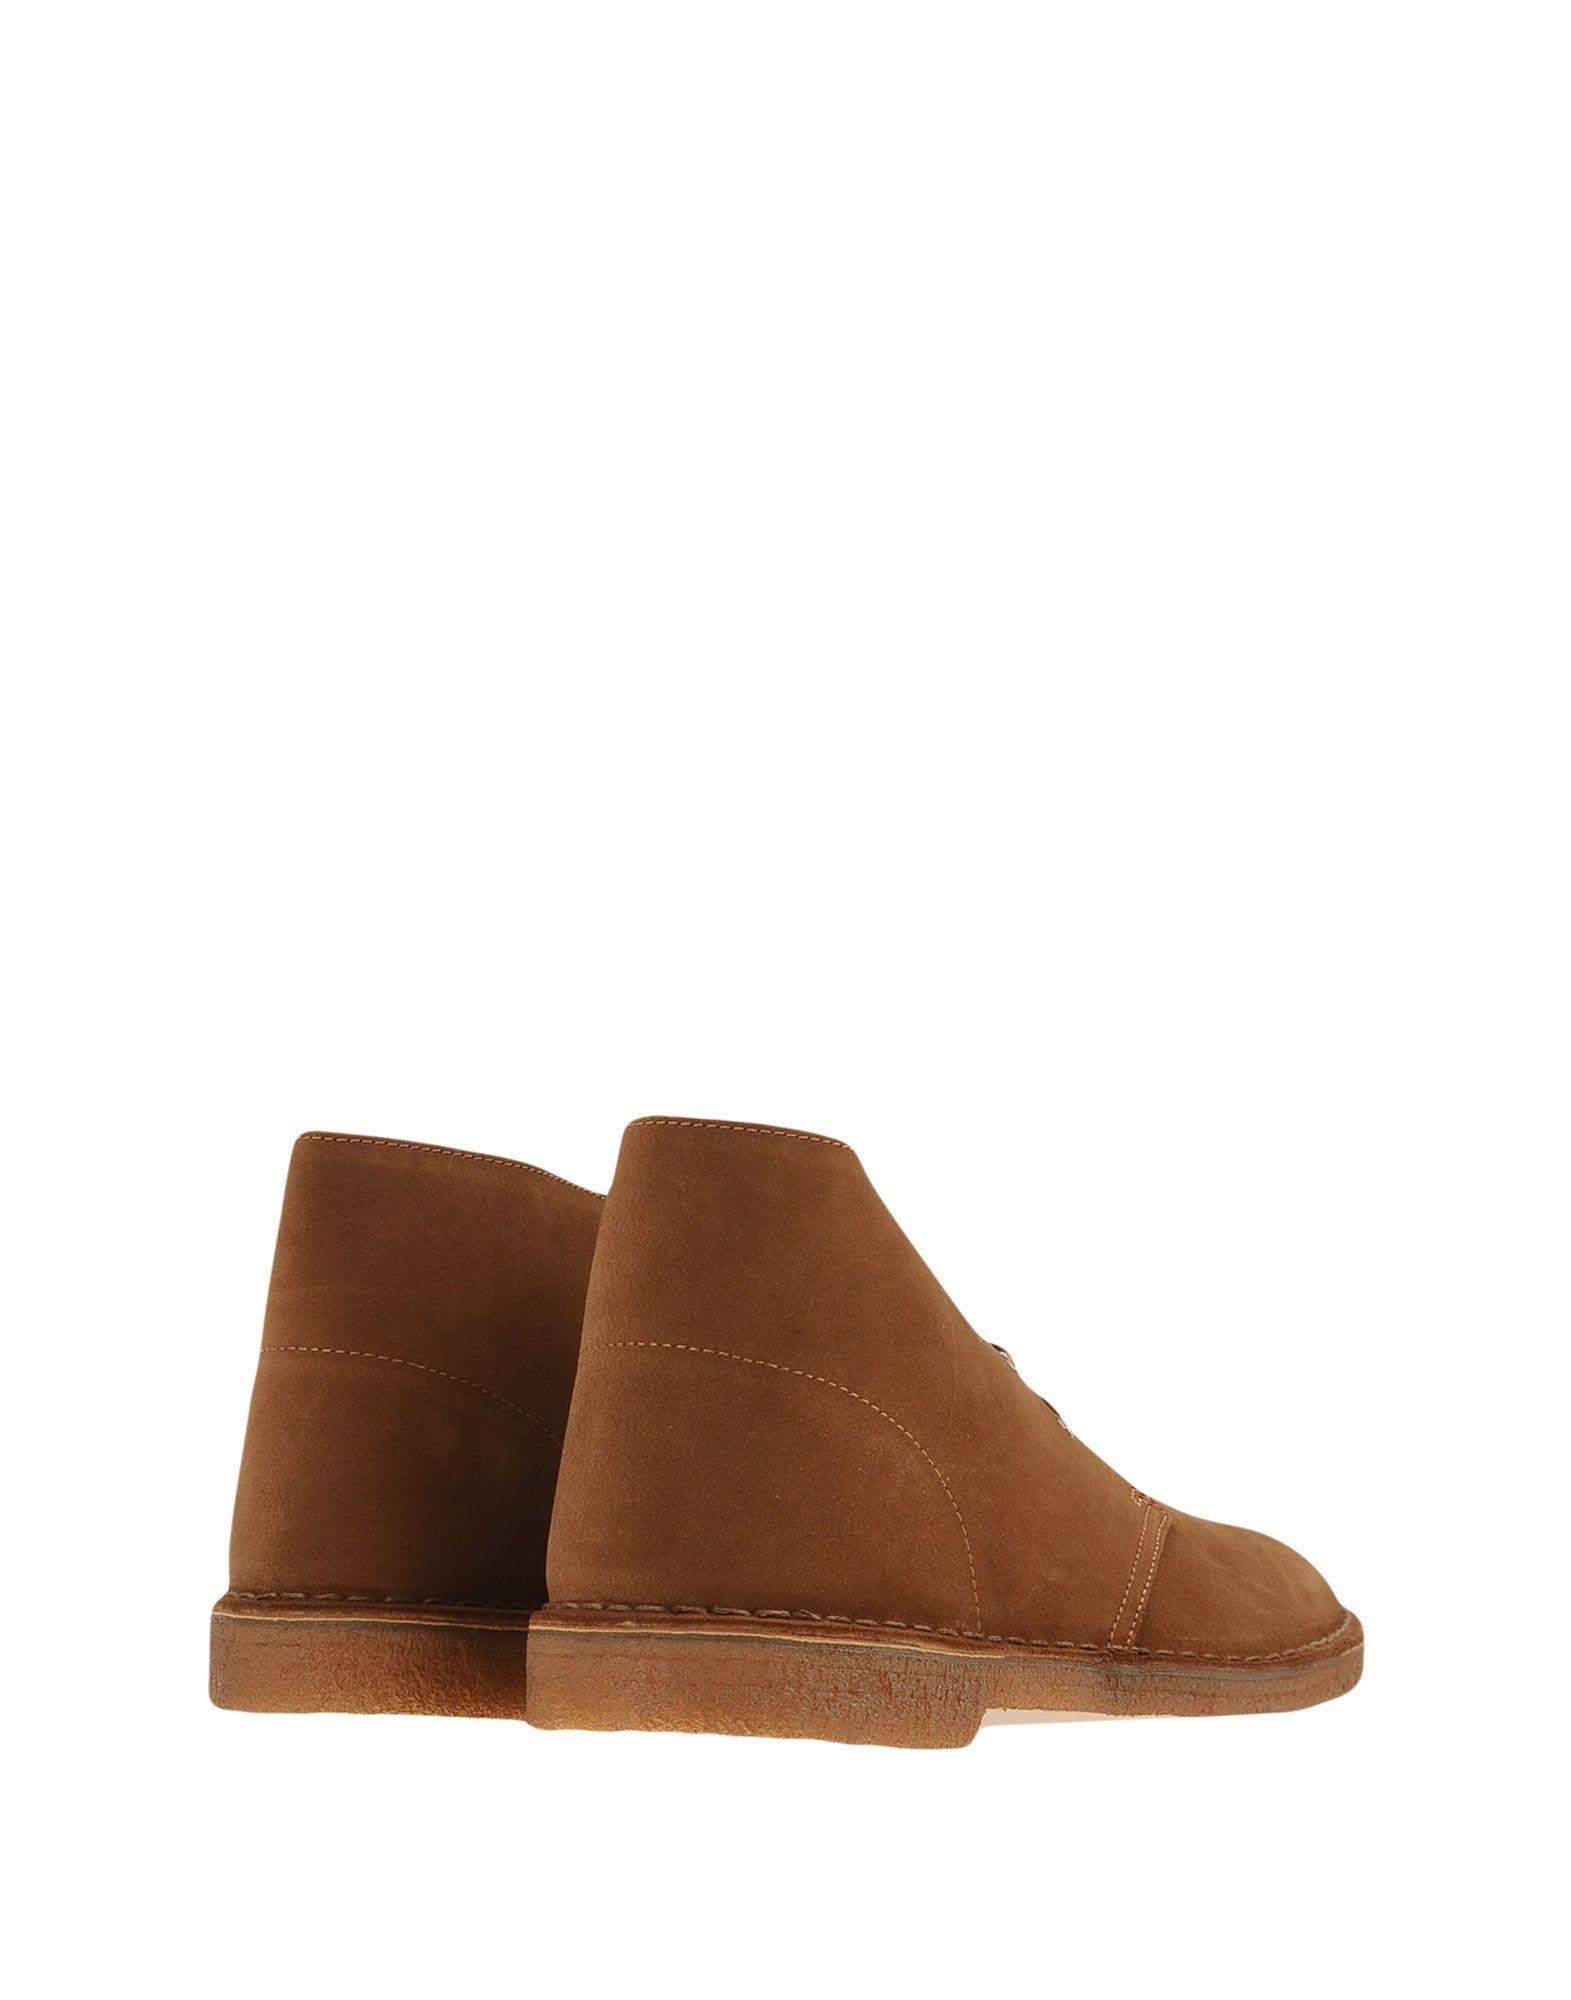 Clarks Originals Originals Clarks Desert Boot  11336632JX Gute Qualität beliebte Schuhe a2c798